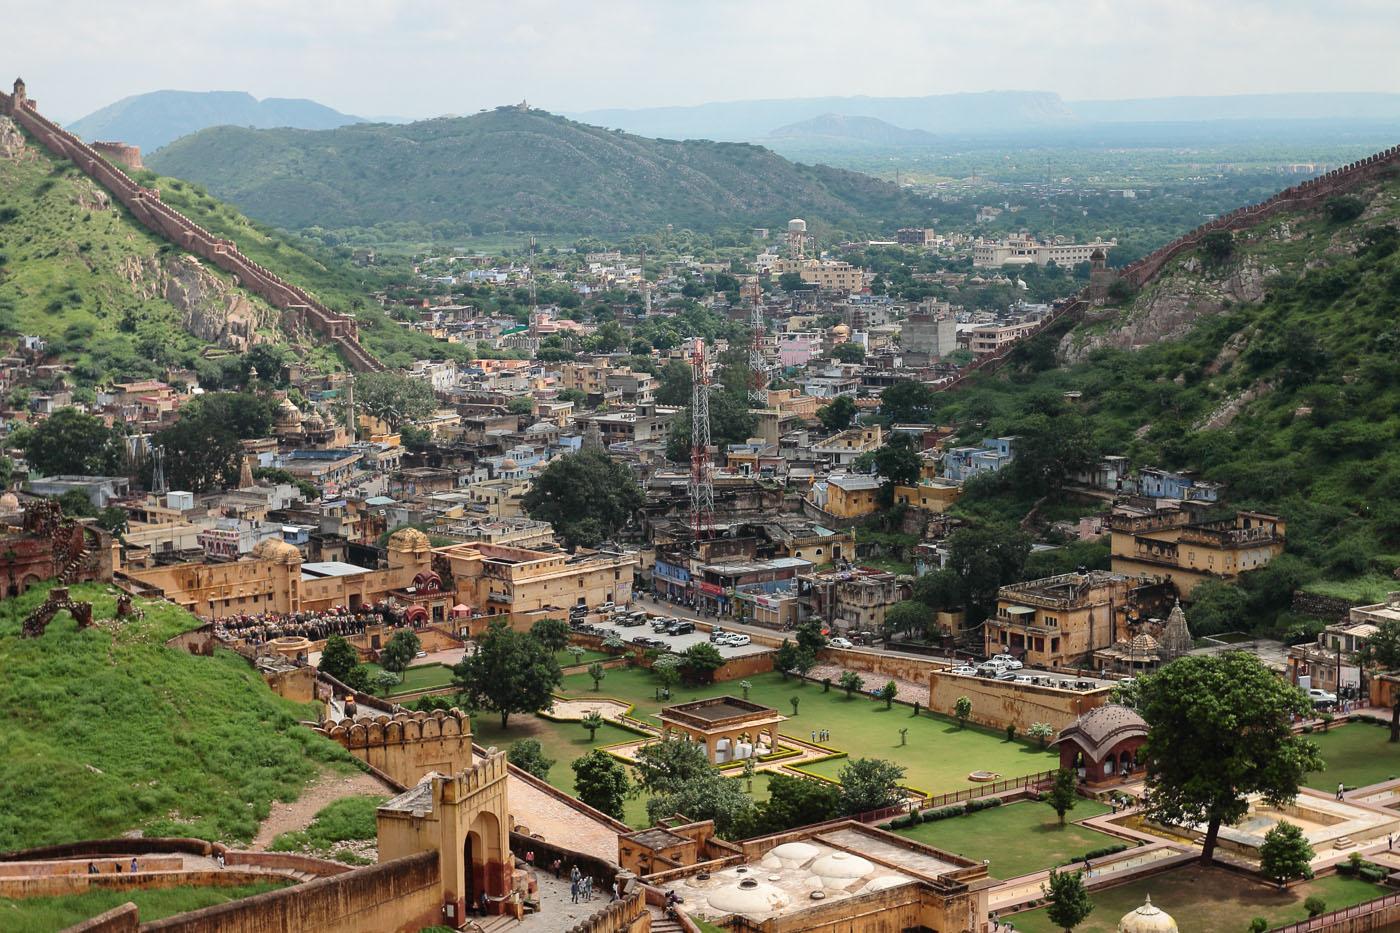 Фото 16. Поездка по Золотому треугольнику. Увлекательные экскурсии по Индии. Вид на деревню